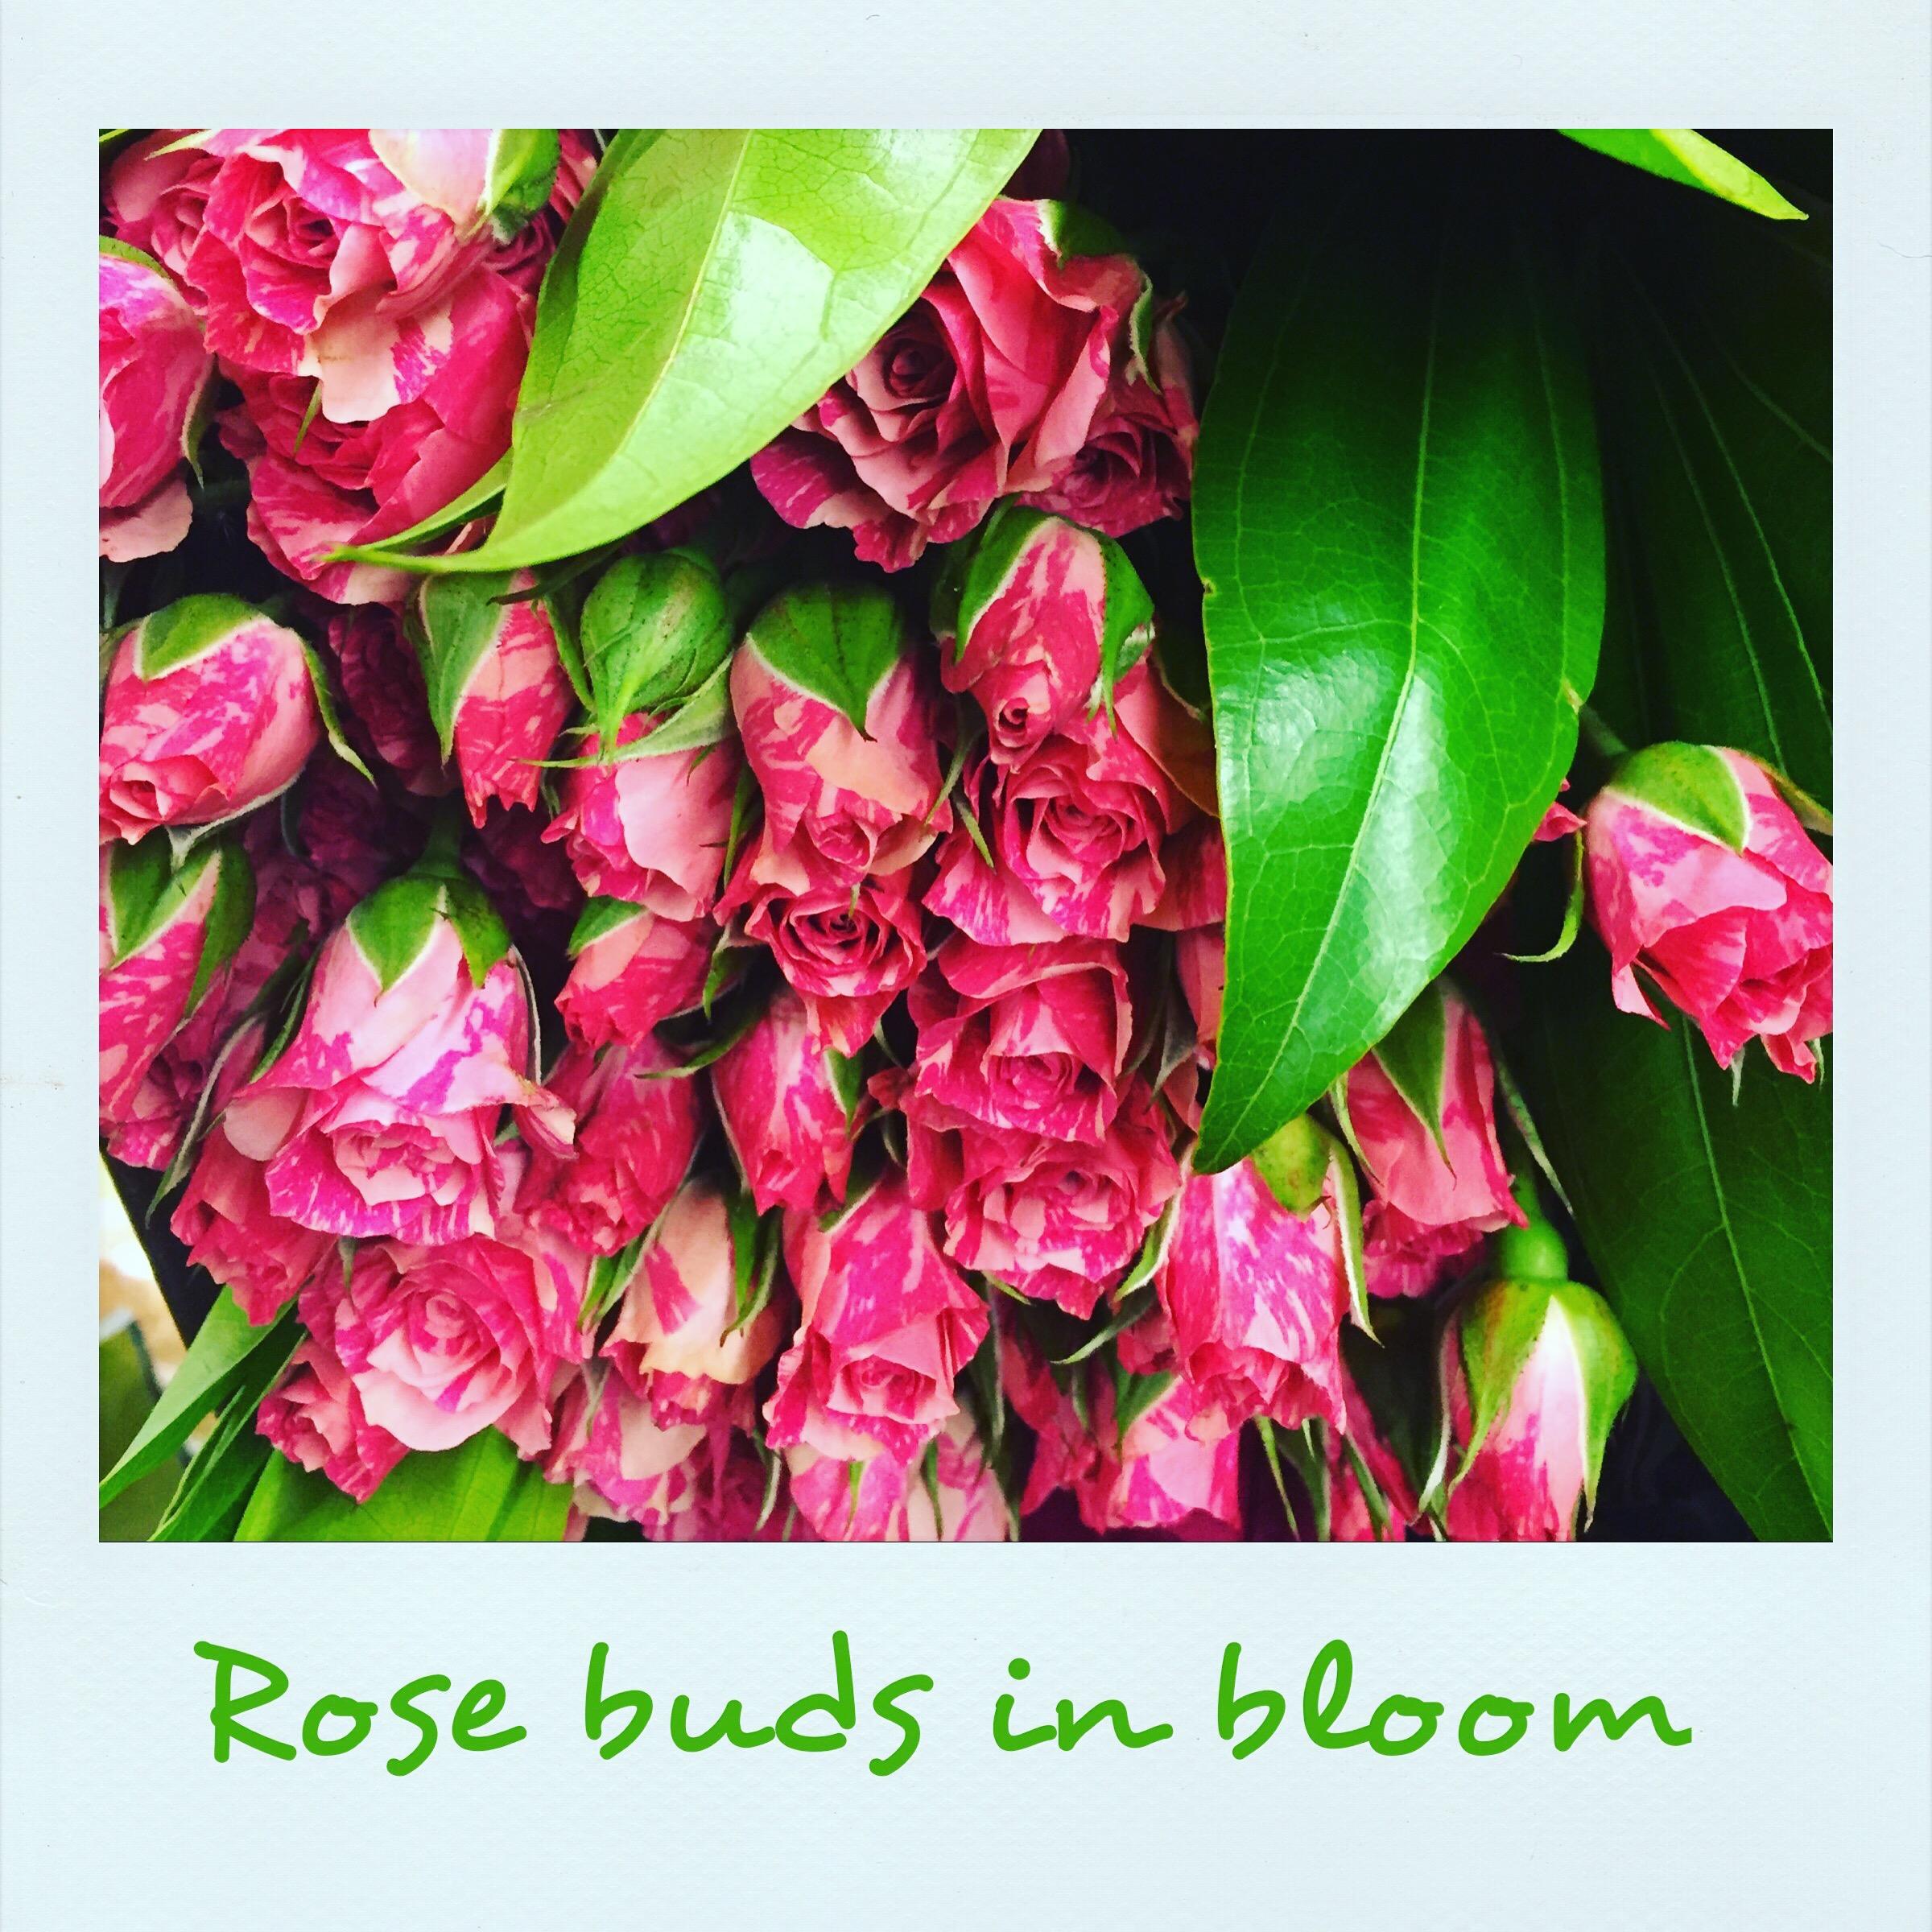 Rosebuds in bloom